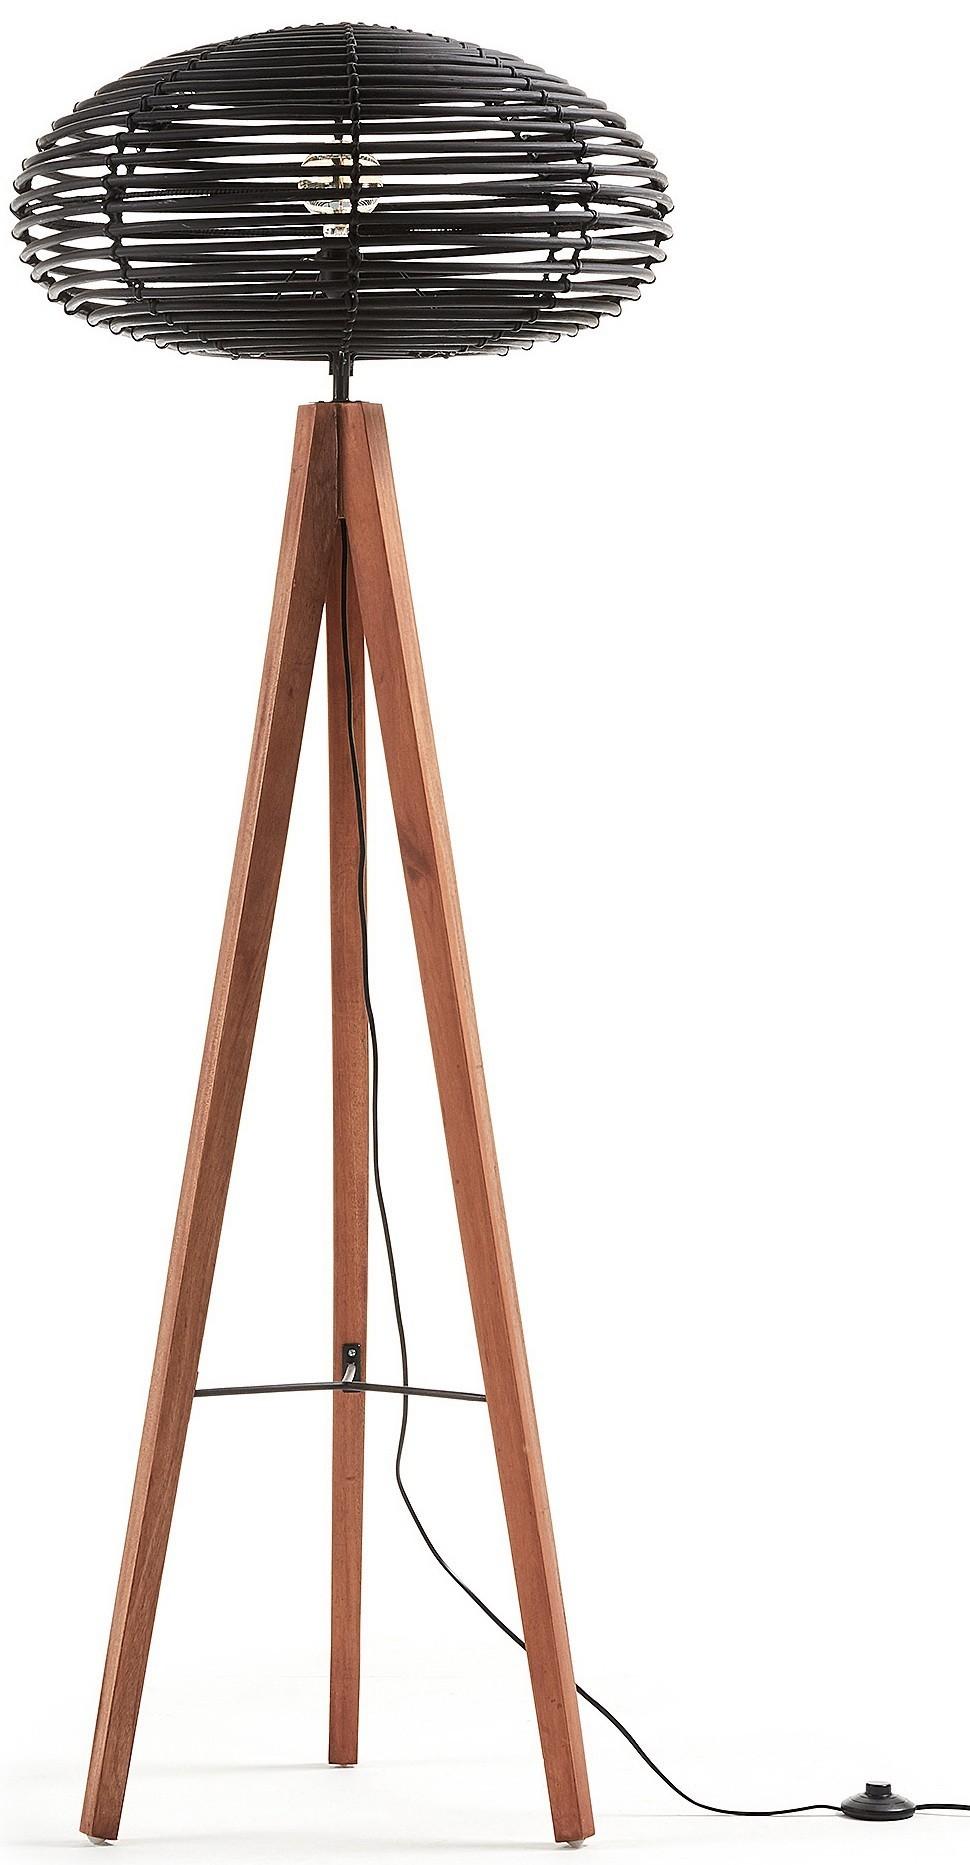 ZURI schwarz Rattan und Holz Stehlampe - Livitalia Design